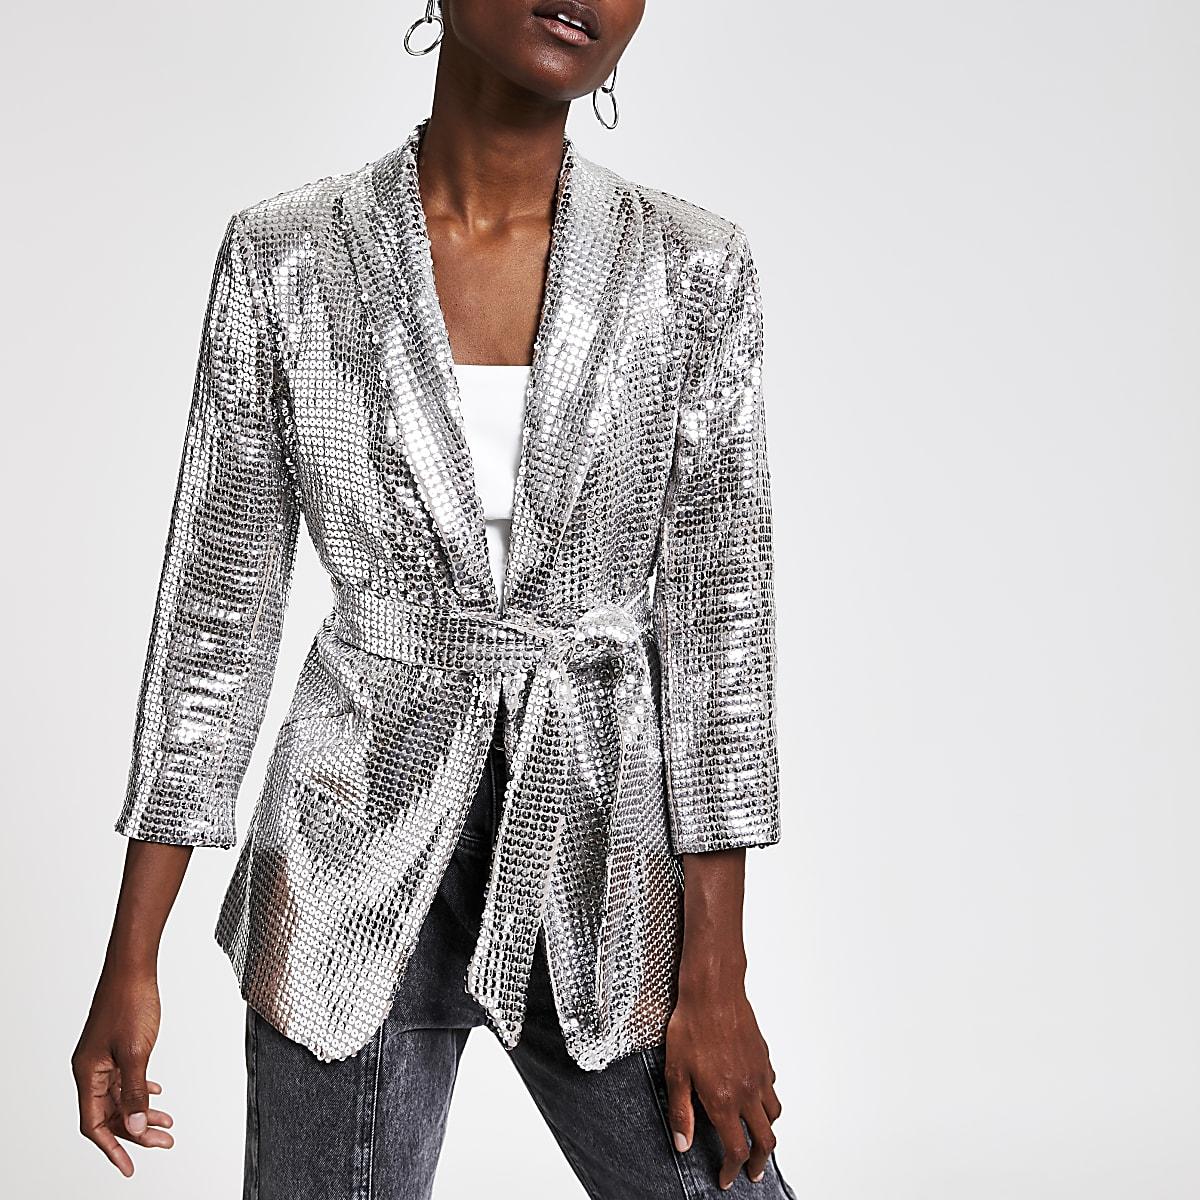 Silver sequin embellished belted jacket